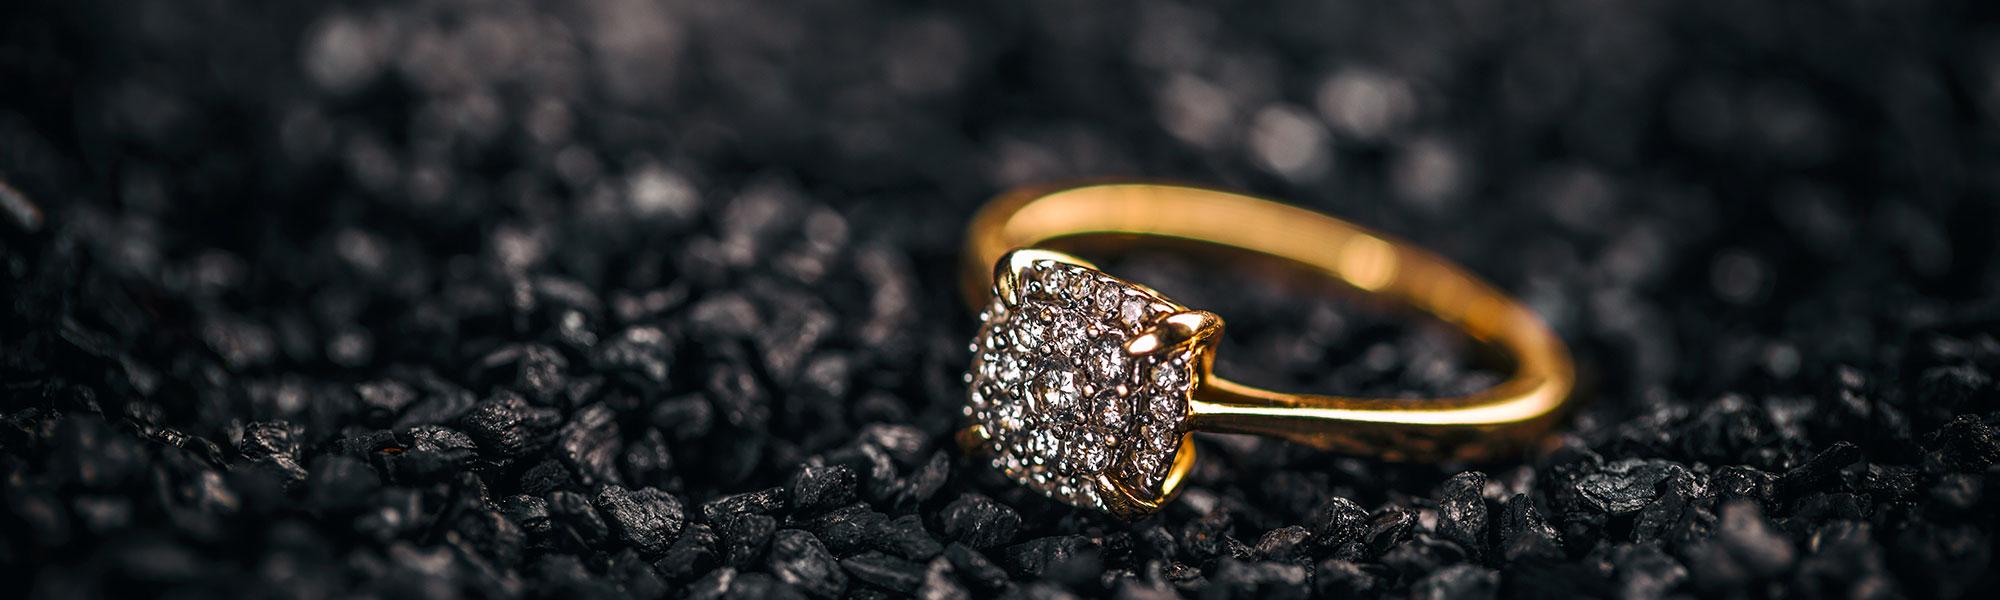 Goldener Ring mit Schmucksteinen